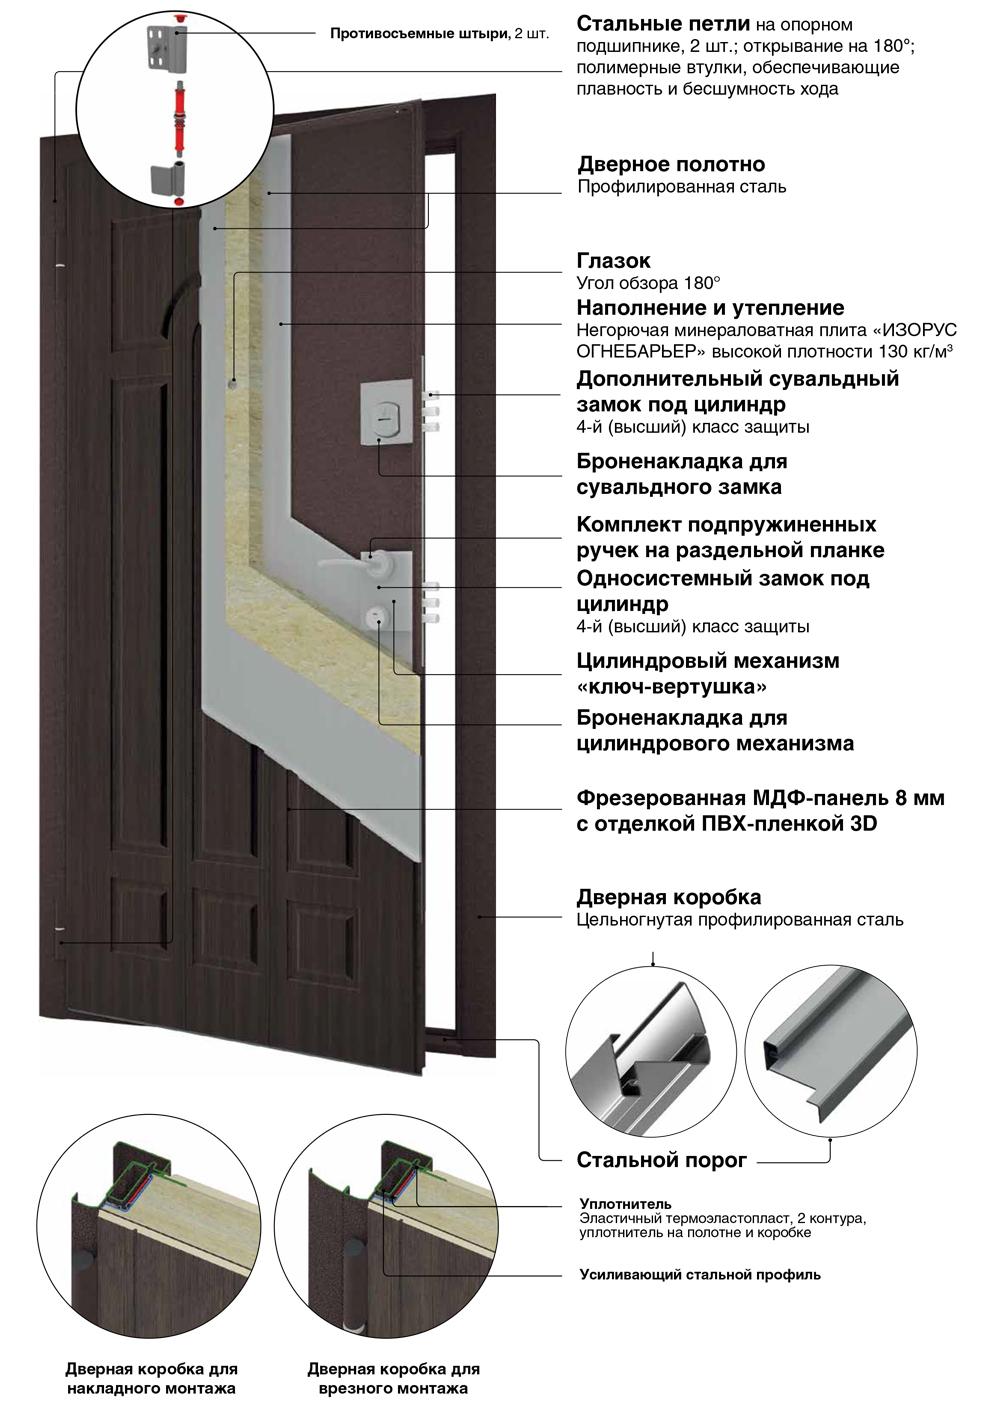 Премиум конструкция входных металлических дверей DoorHan